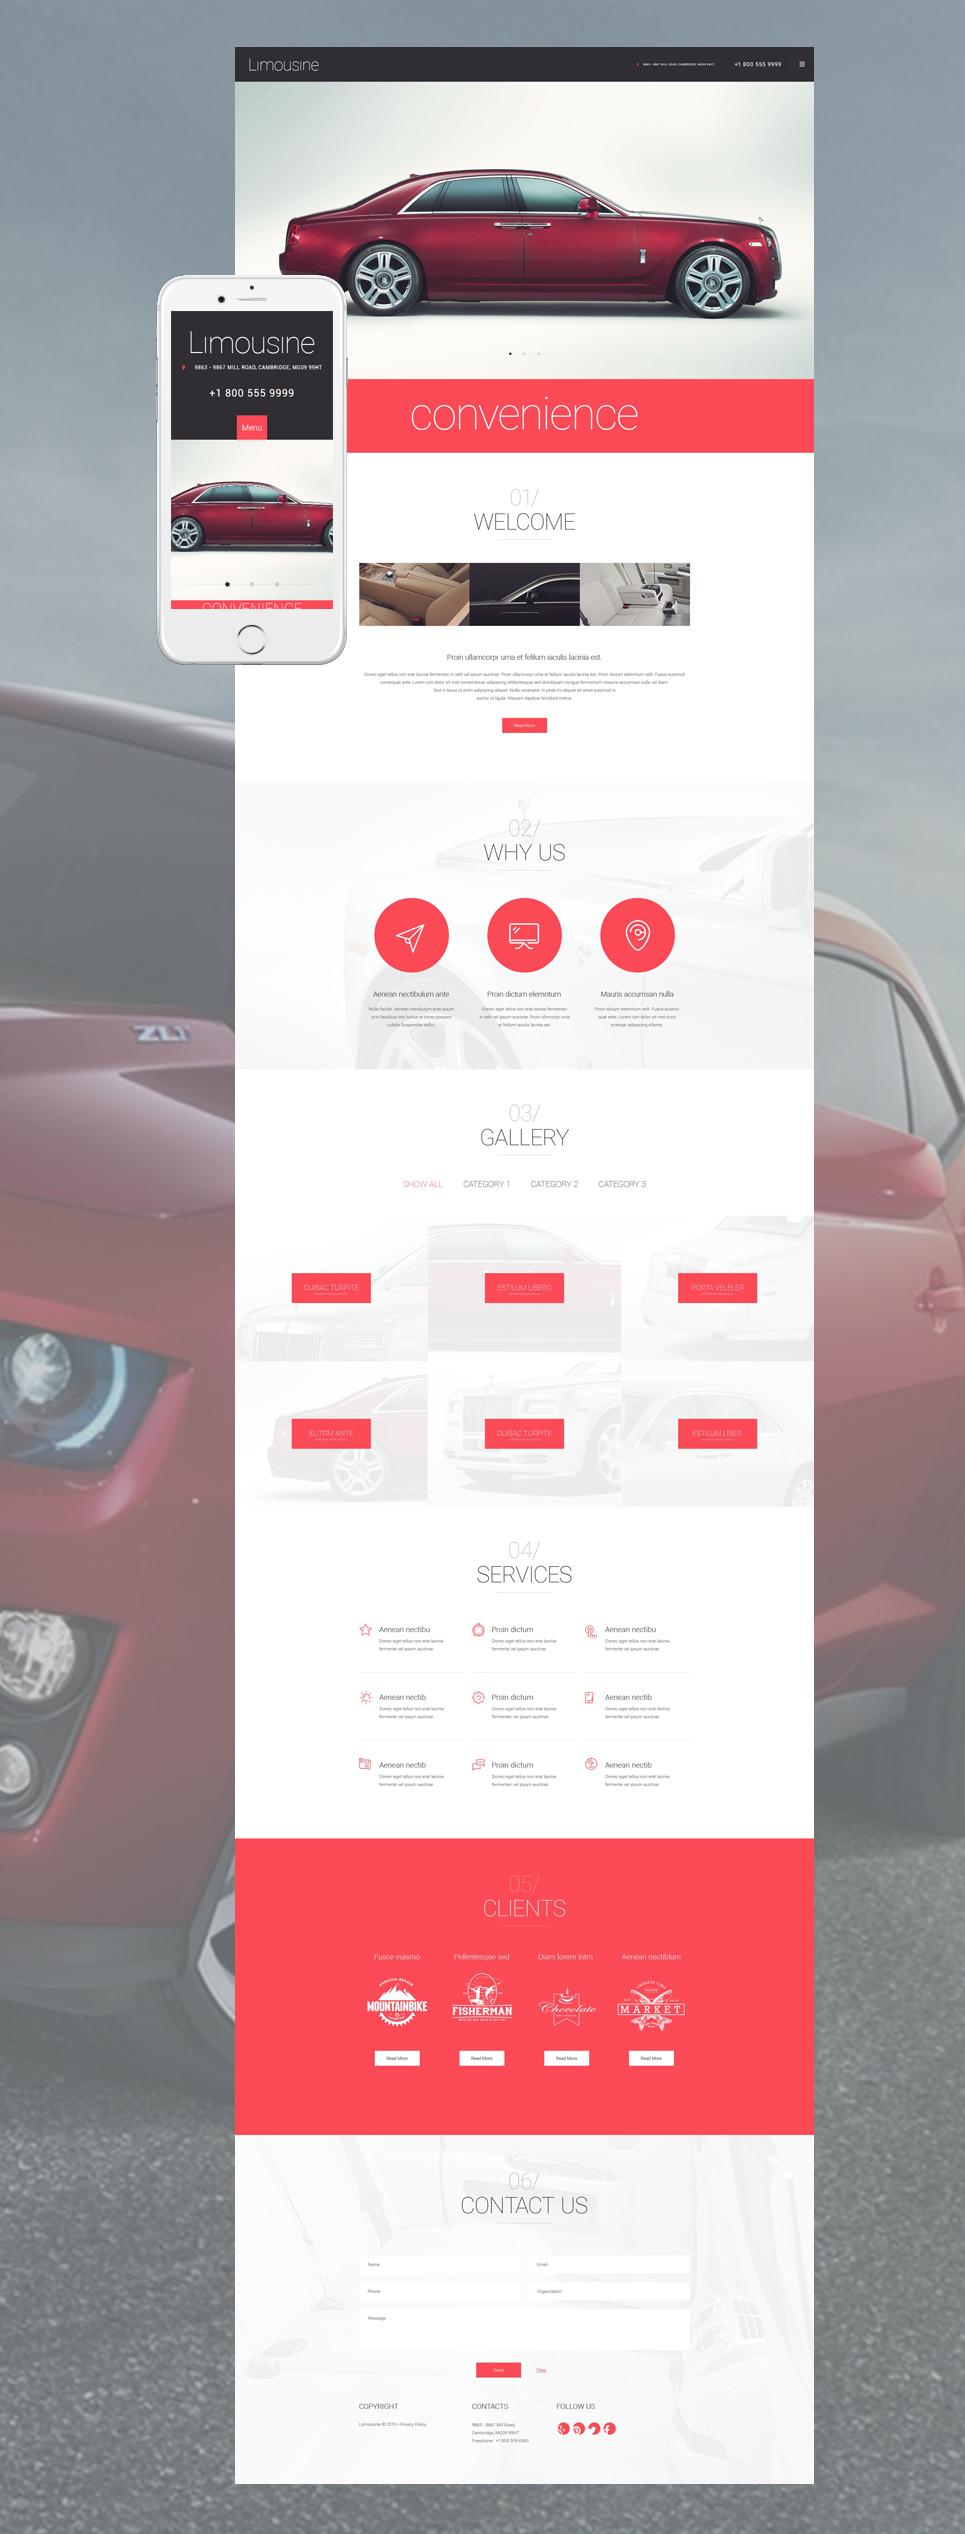 Адаптивный шаблон сайта на тему прокат лимузинов #55049